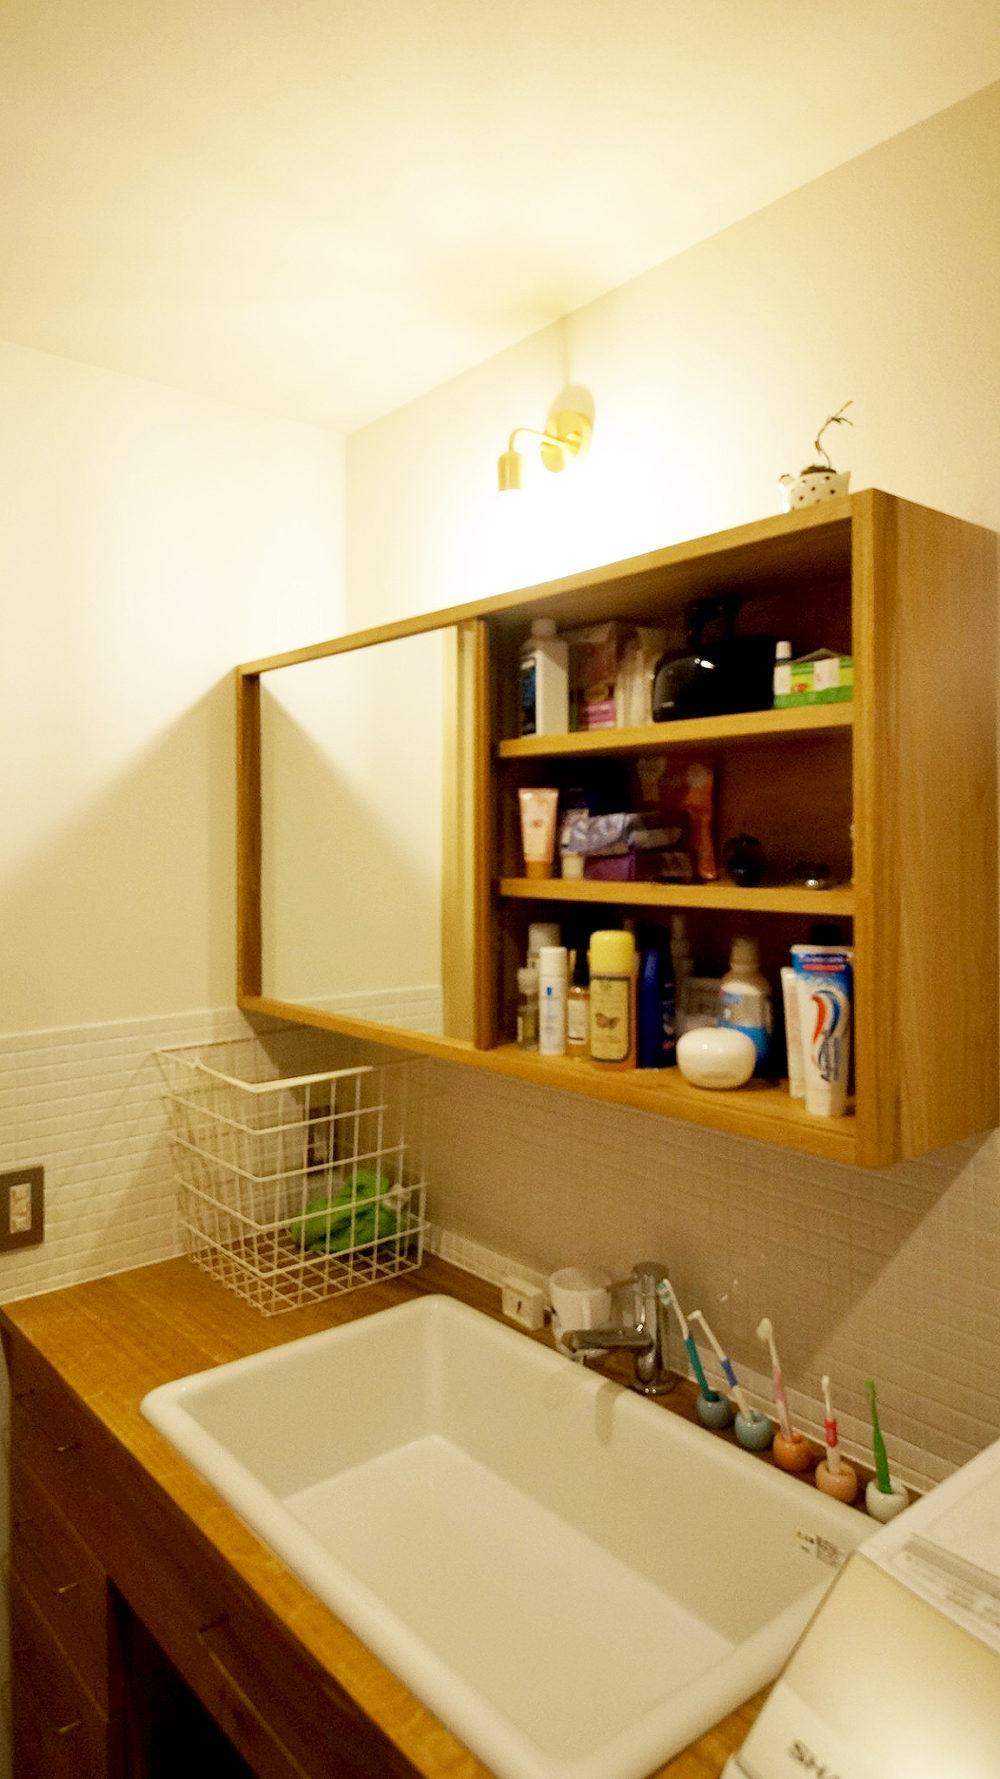 オーダー家具・洗面台・収納棚・引き戸/関西・兵庫・神戸